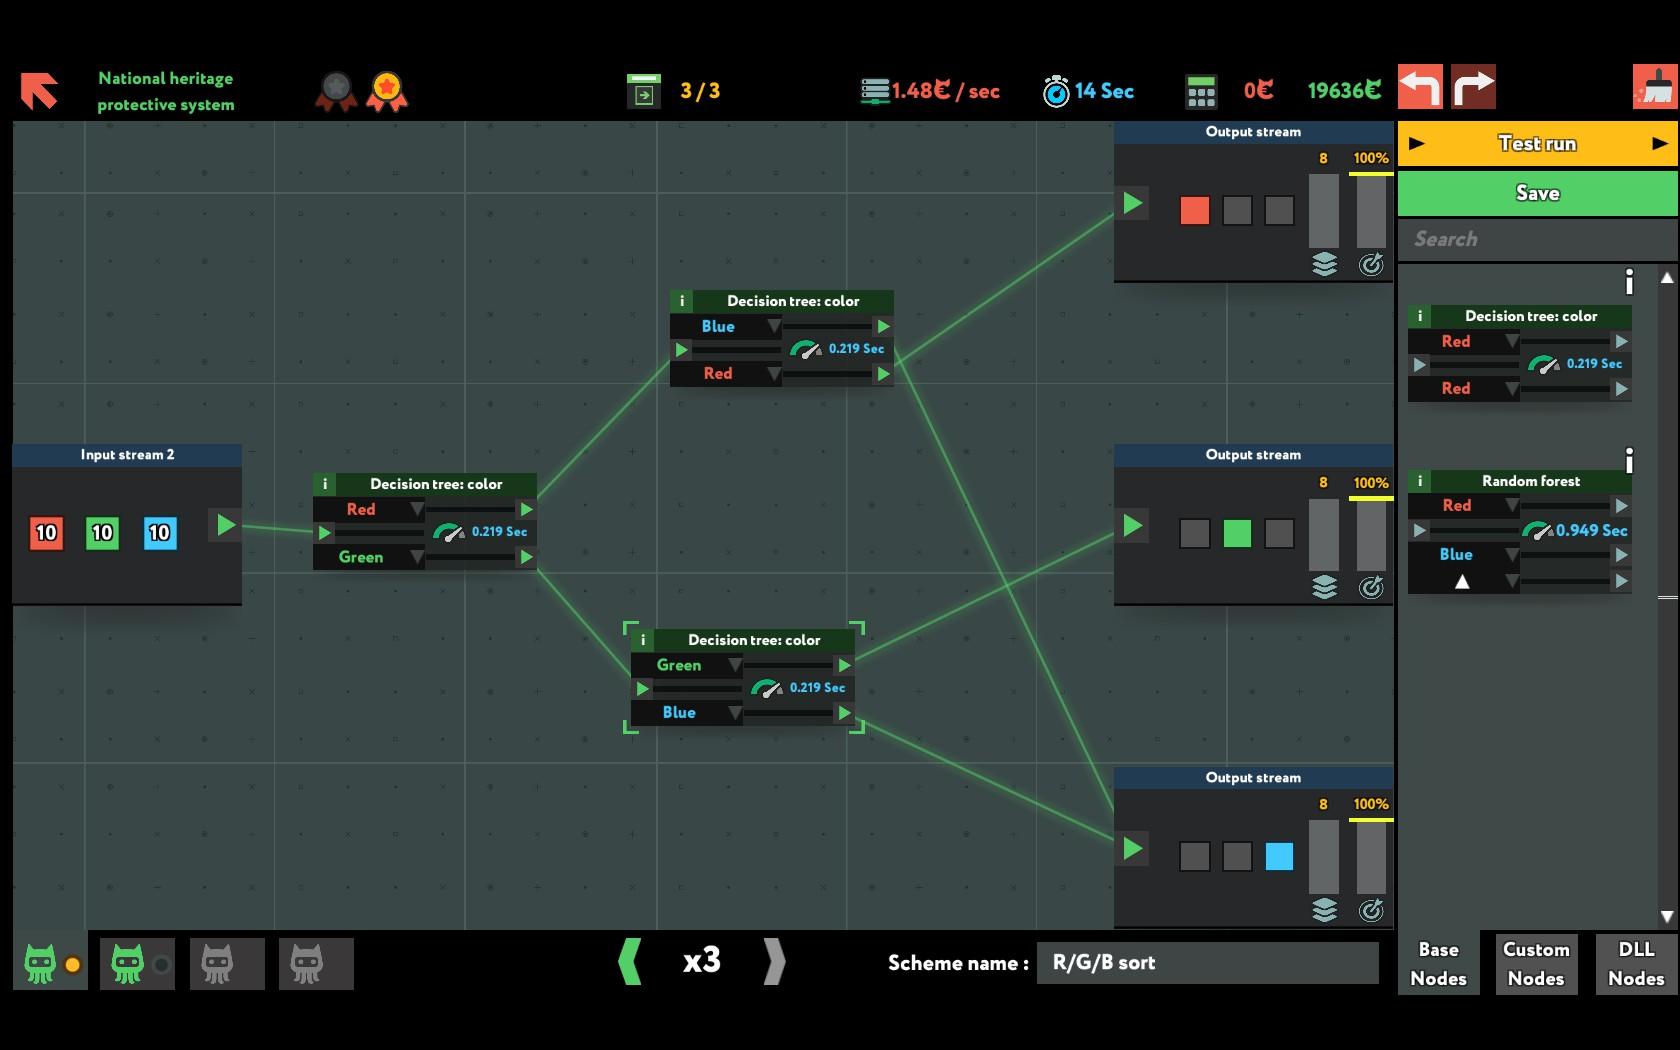 L'interfaccia è piuttosto chiara, ma l'assenza di varietà, sia risolutoria che grafica, inizia a pesare dopo un paio d'ore di gioco.